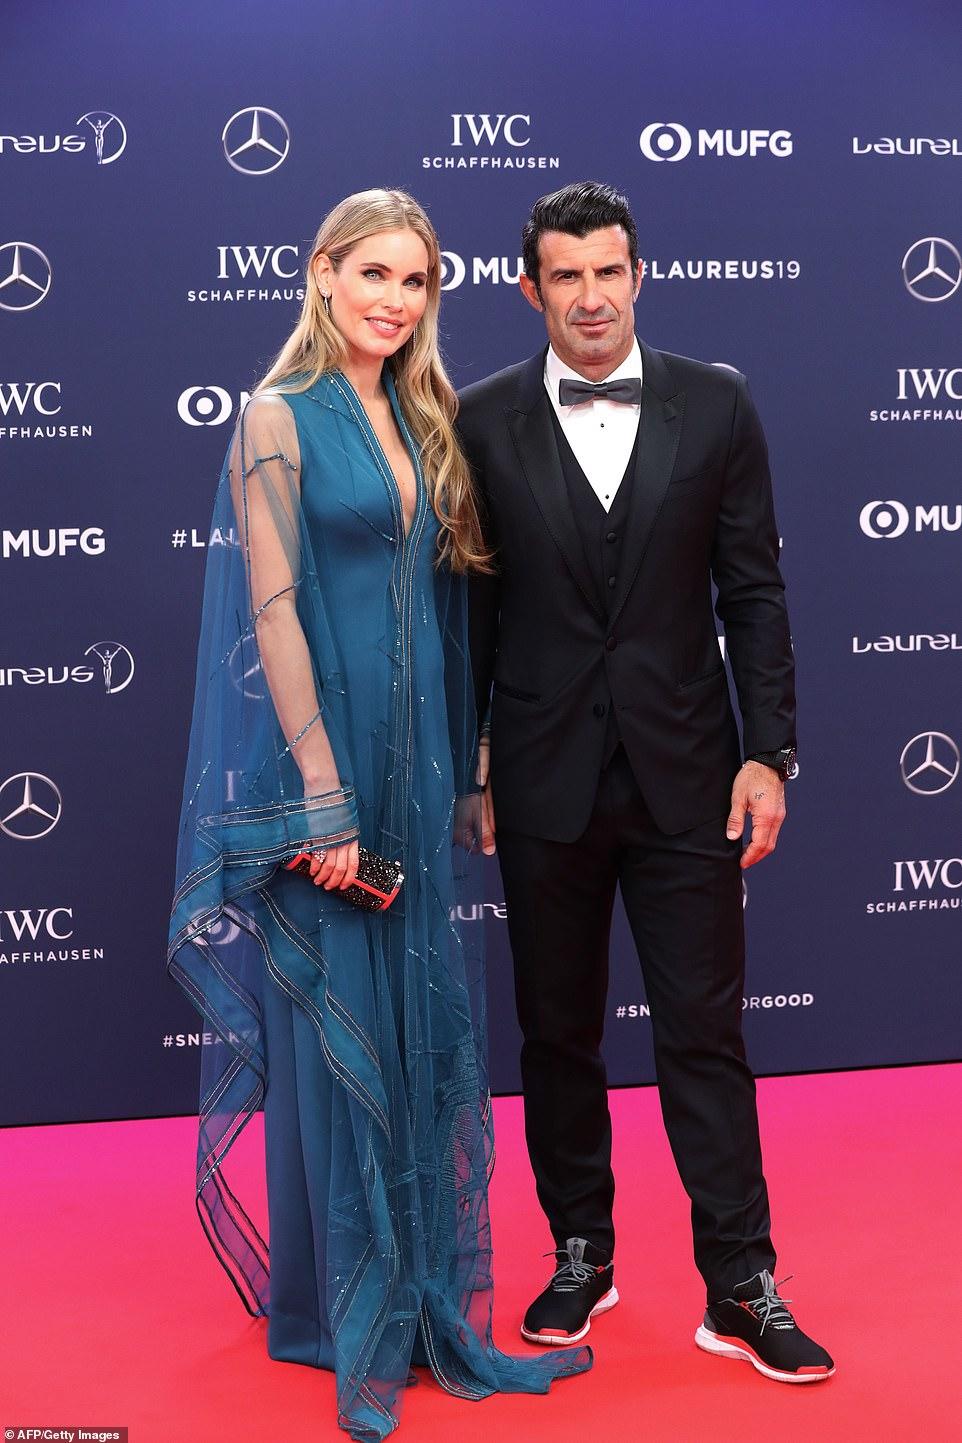 前世界足球先生菲戈与妻子海伦·斯韦丁.jpg